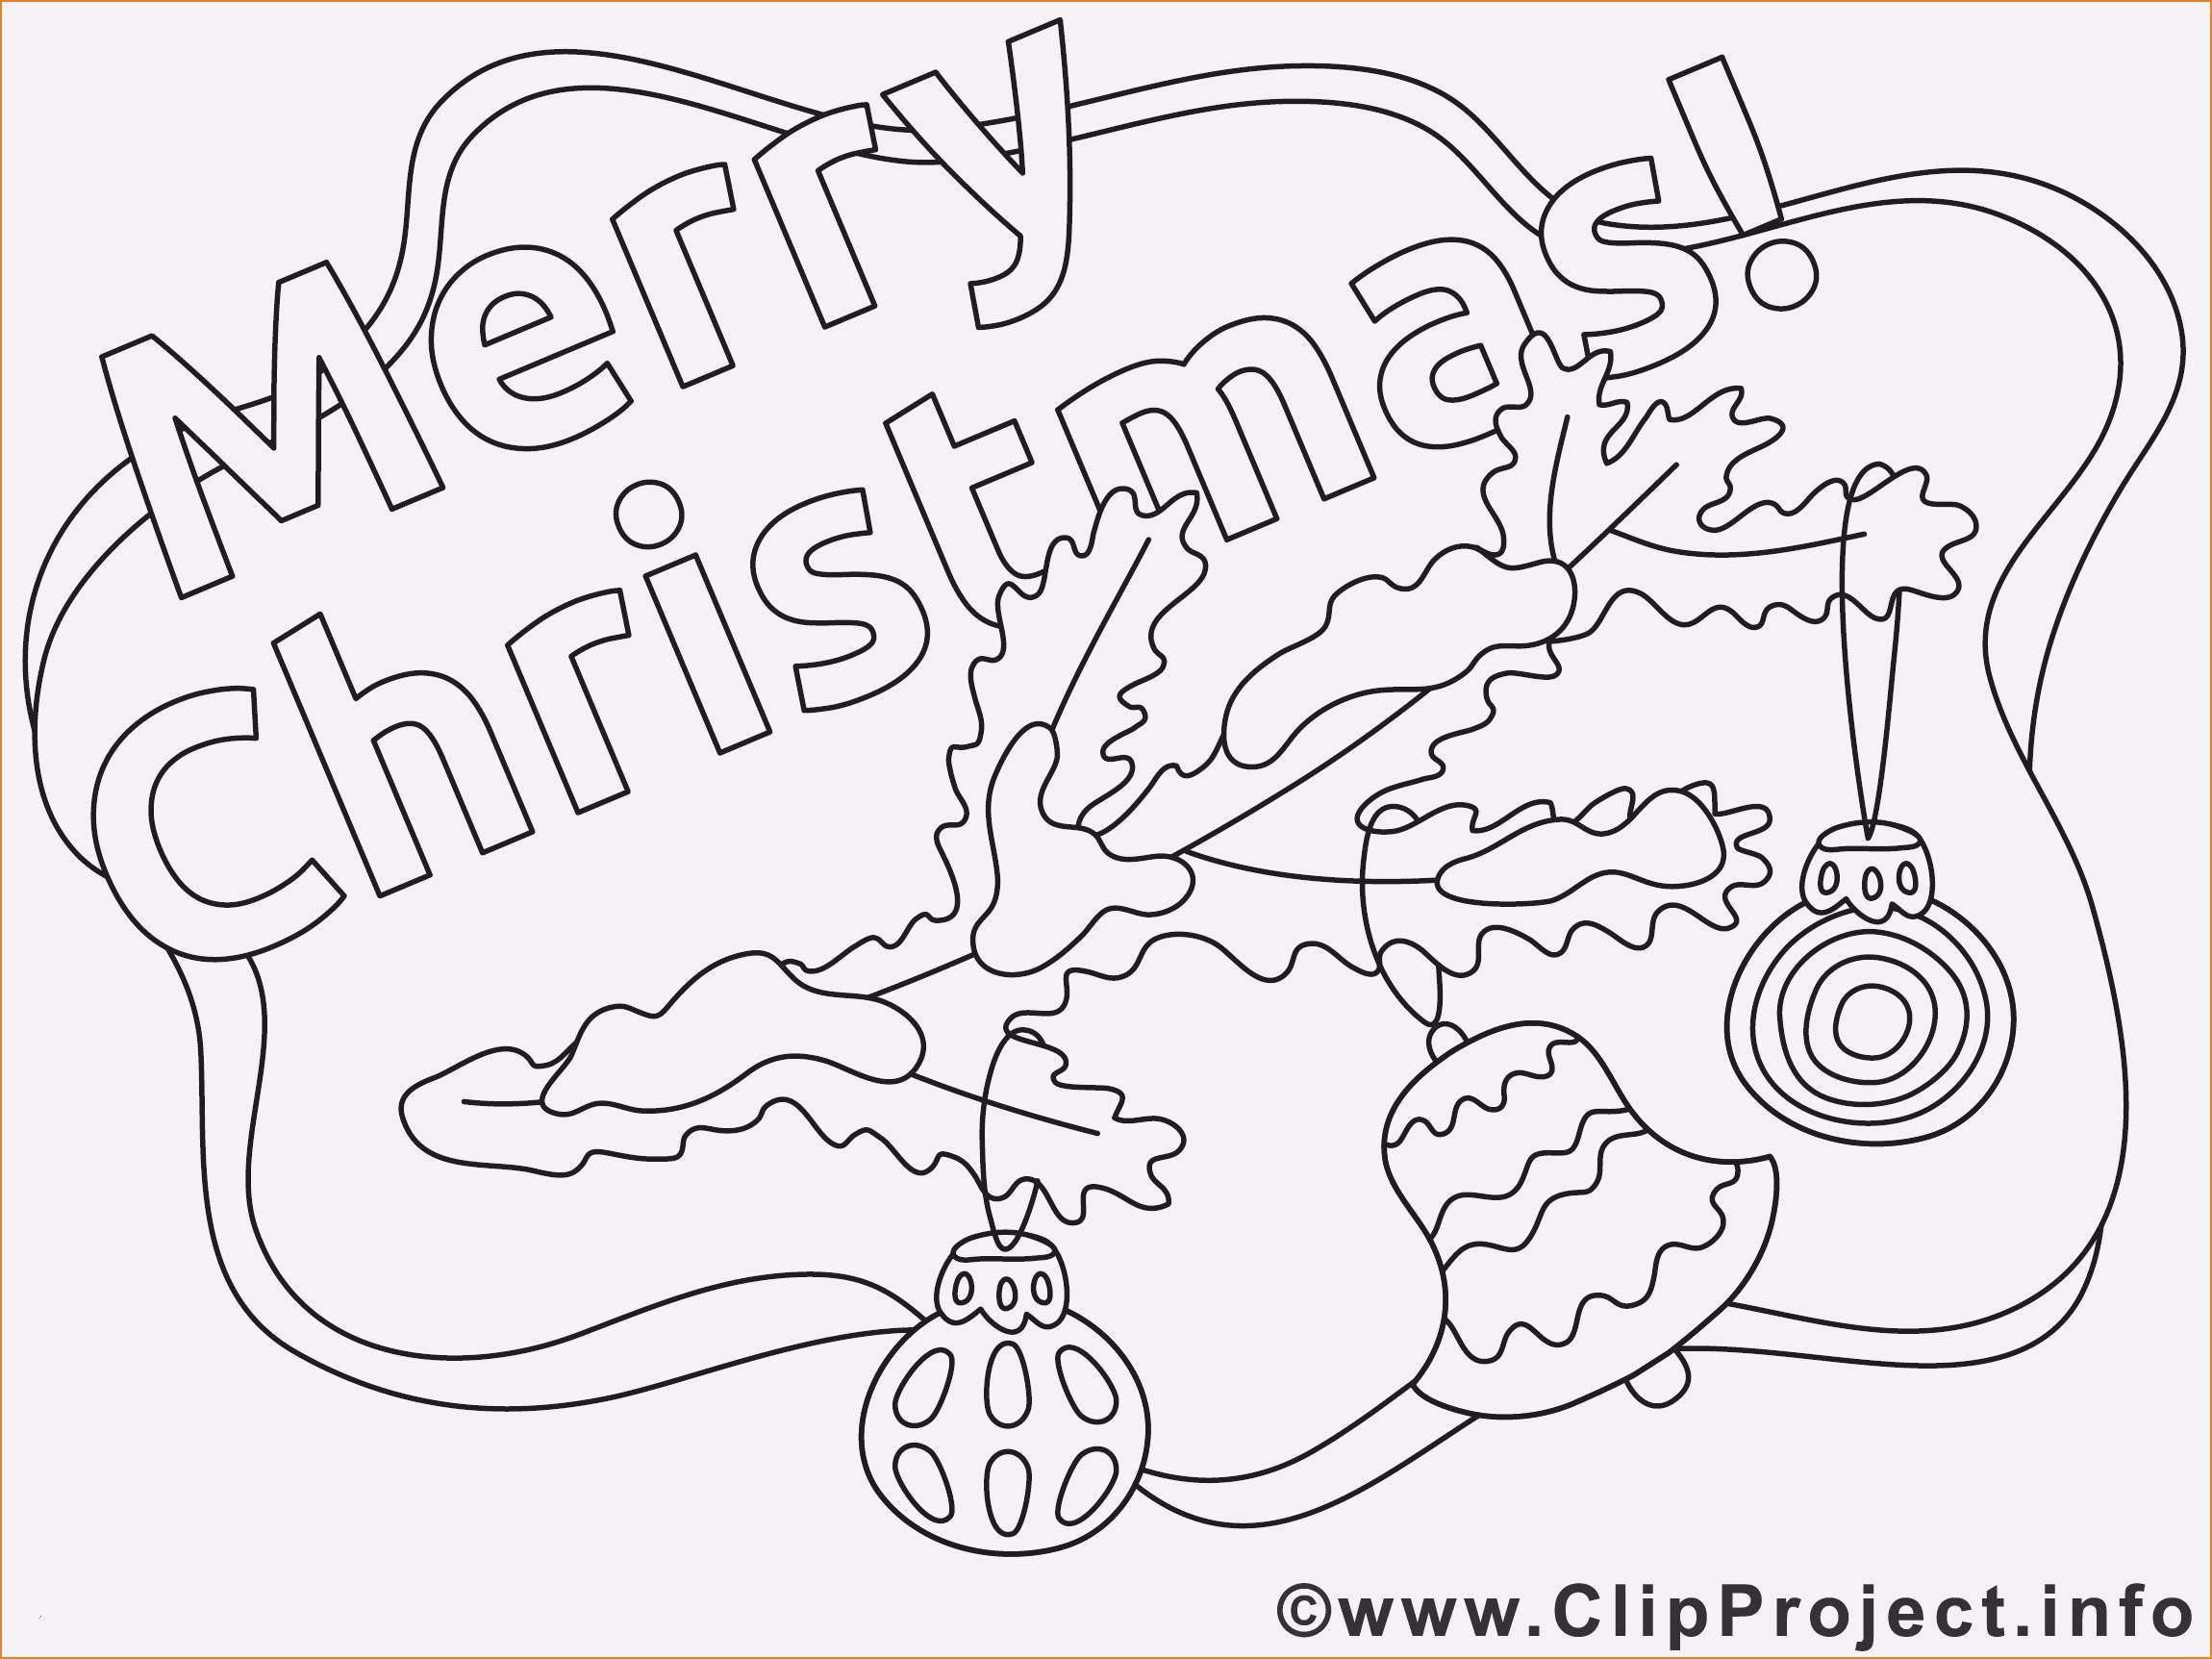 Ausmalbilder Weihnachten Kostenlos Drucken Neu Der Gute Hirte Ausmalbild Frisch 25 Liebenswert Ausmalbilder Das Bild